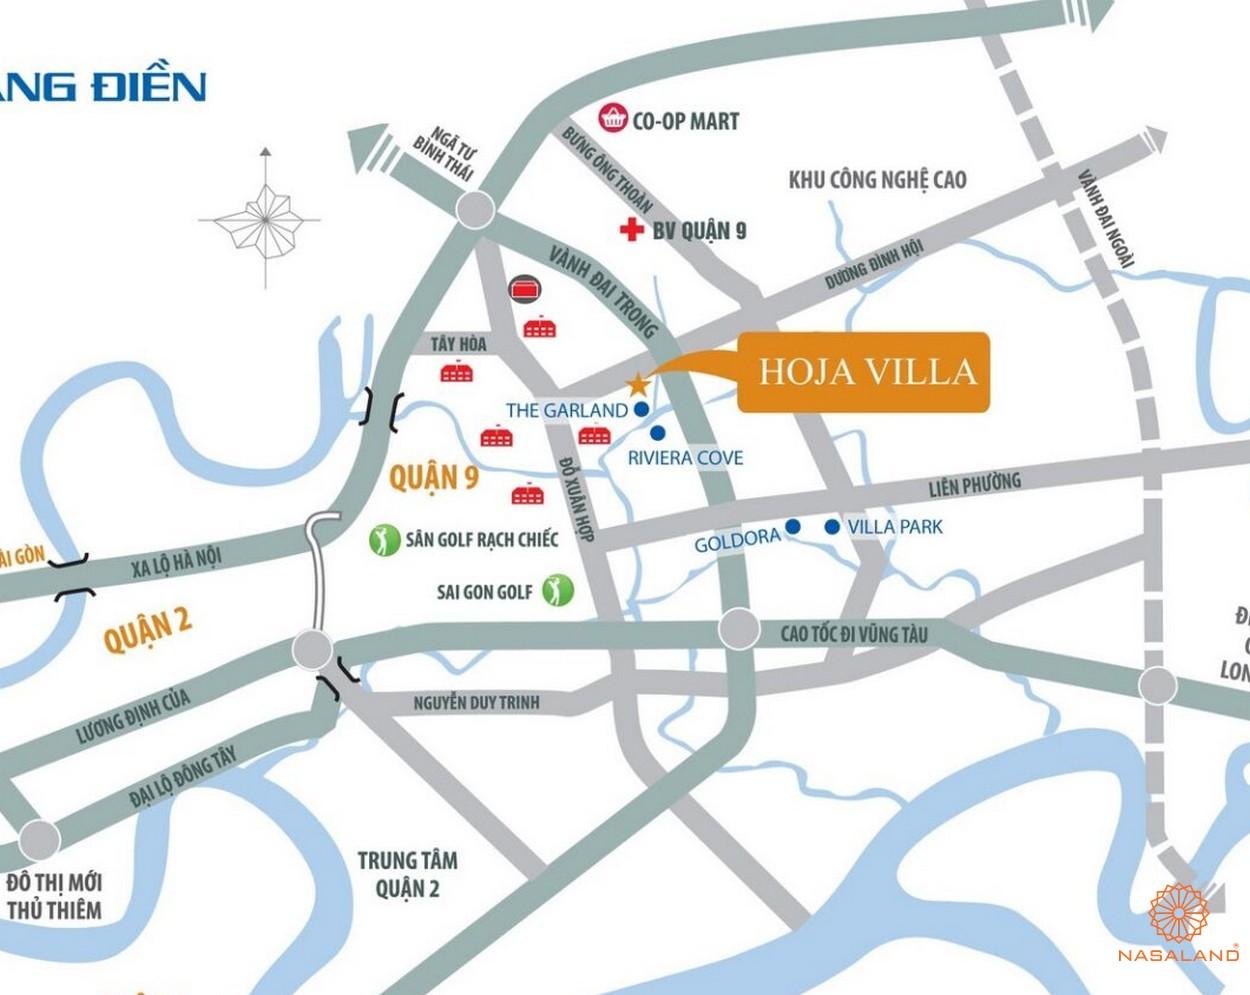 Vị trí dự án biệt thự nhà phố Hoja Villa Quận 9